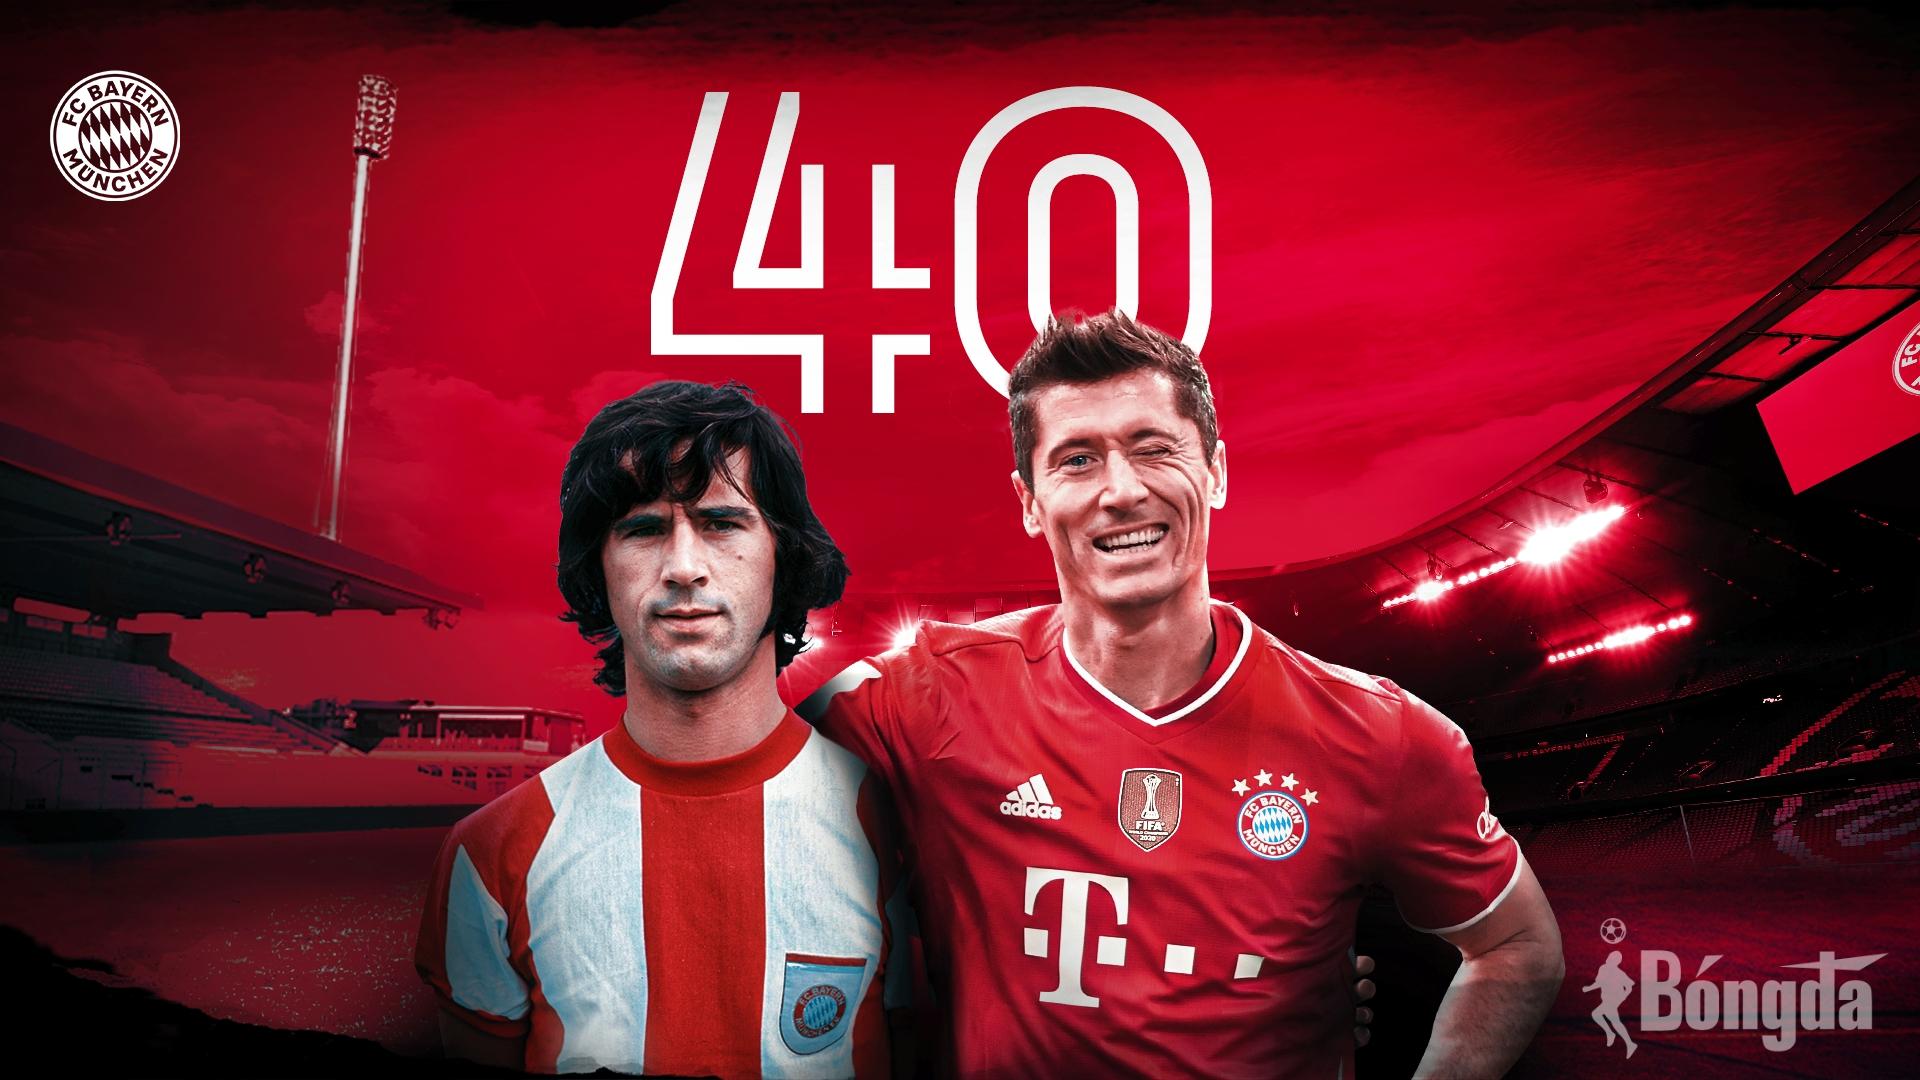 """Chấn động Bundesliga 2020/21: Lewandowski không ngừng theo đuổi kỷ lục """"danh giá"""" của Gerd Mueller"""